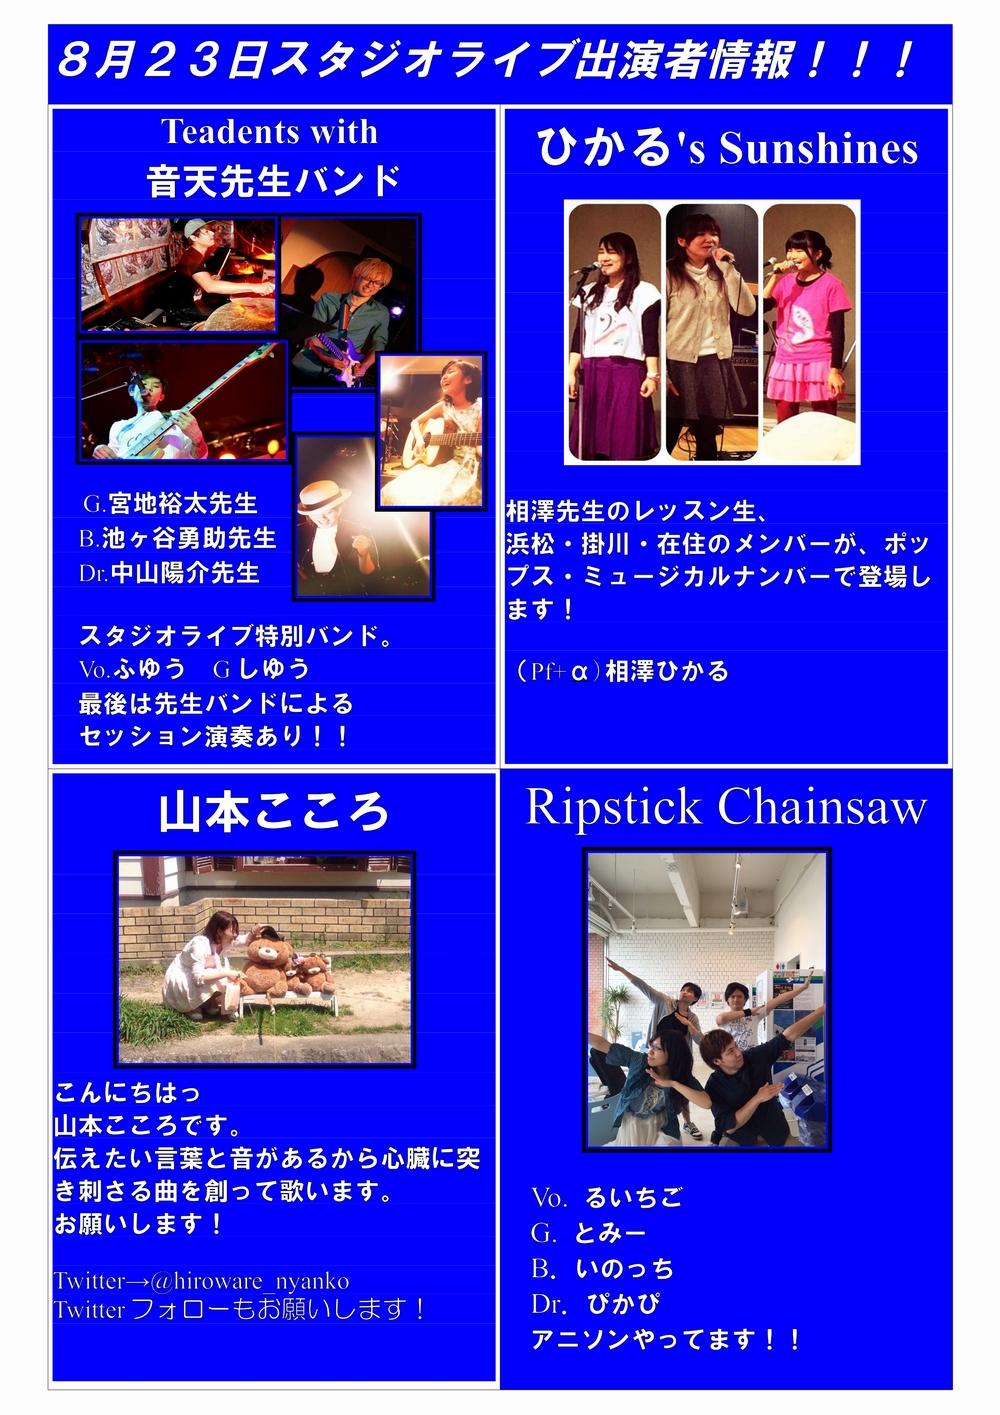 【スタジオライブ&BBQ】@藤枝店8月23日(日)出演者